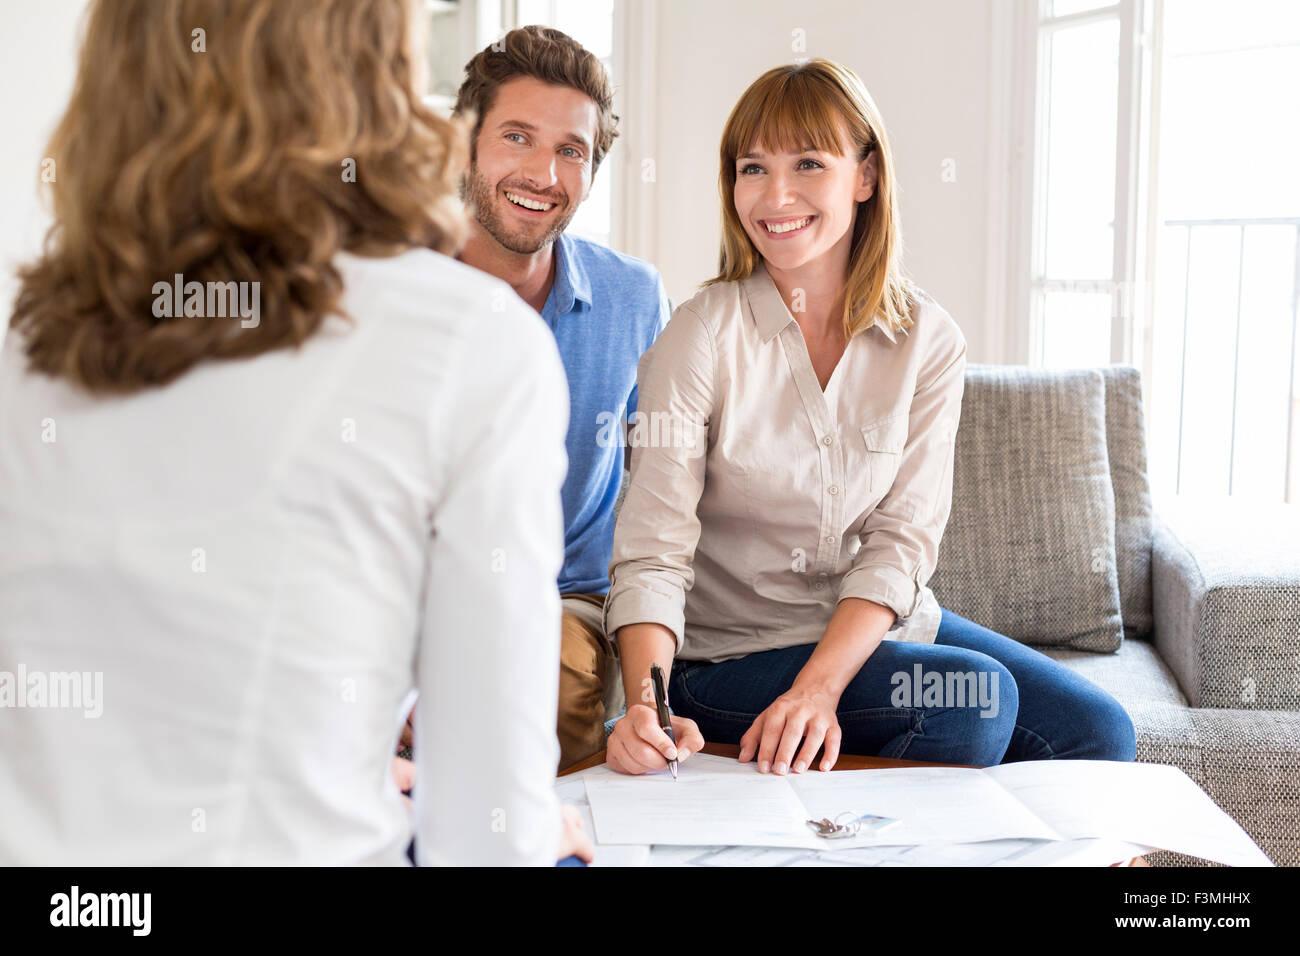 Junges Paar Besitzer Immobilienmakler für Haus-Investition zu treffen. Unterzeichnung eines Vertrages. Glück, Freude Stockfoto